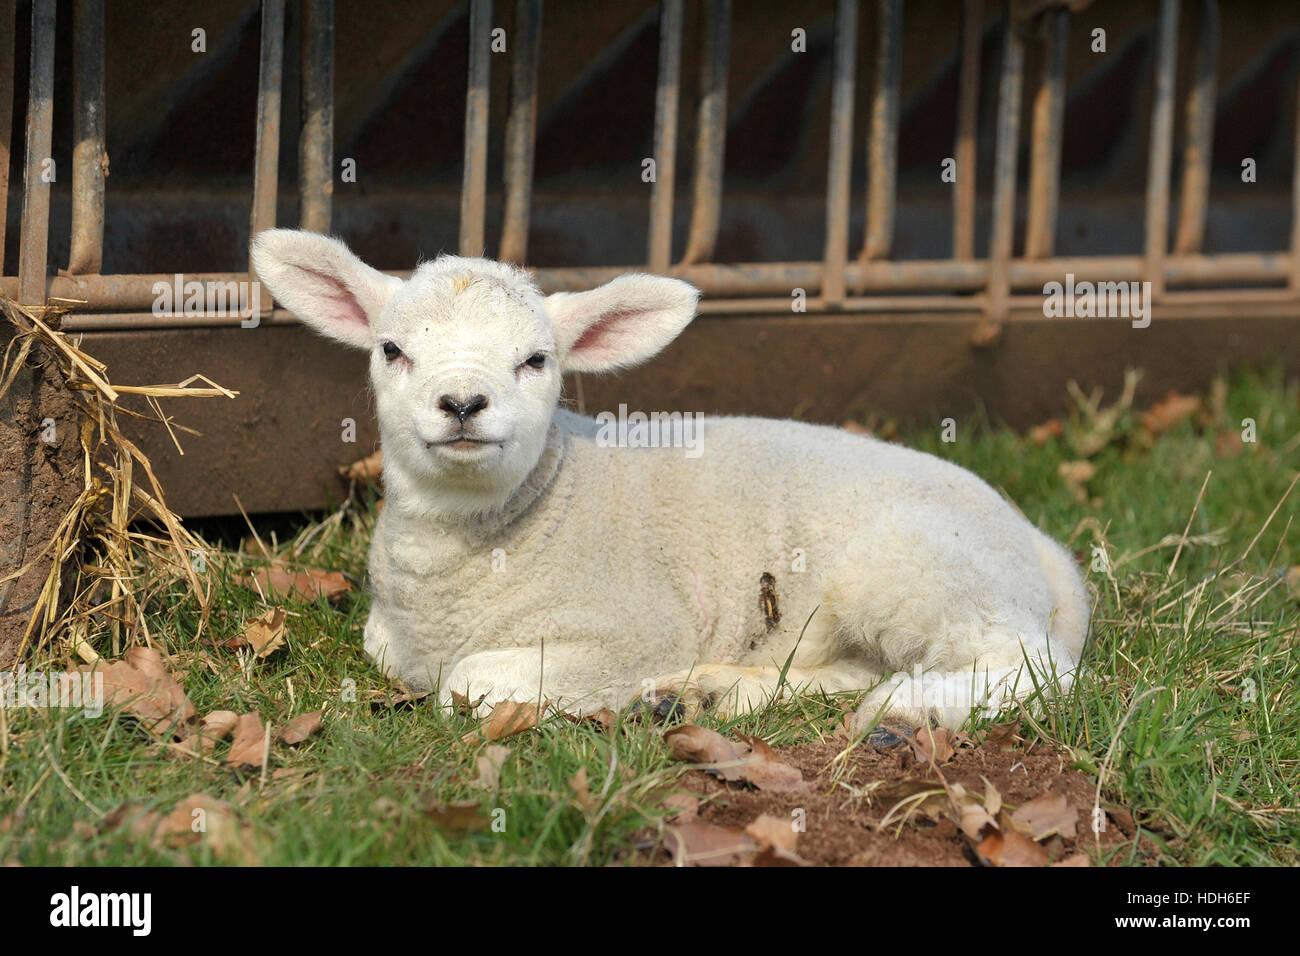 Texel puro agnello. 5 giorni fa Immagini Stock